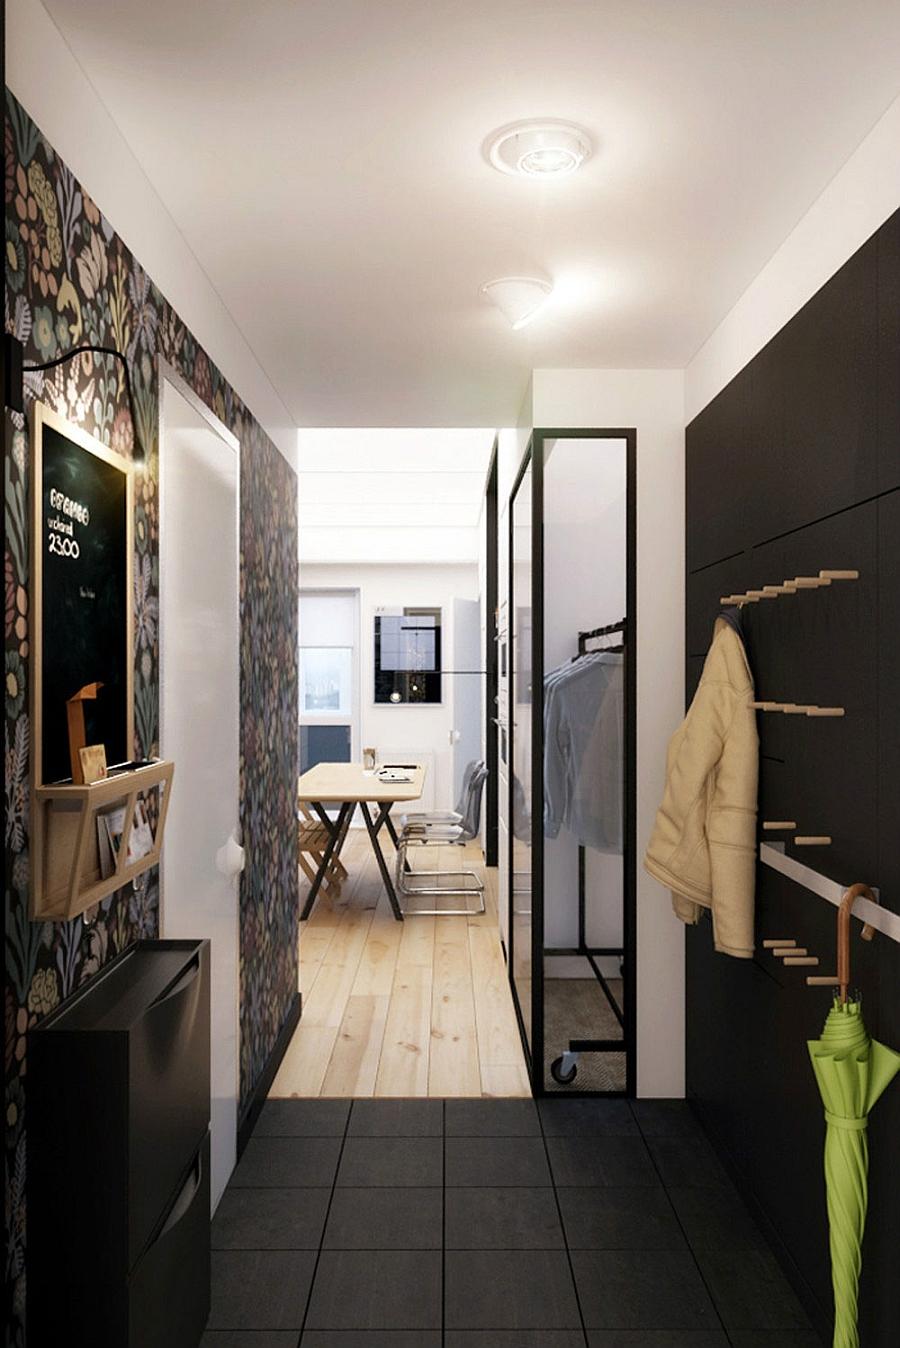 malak-apartament-v-cherno-i-bqlo-pokazva-interesni-idei-2g